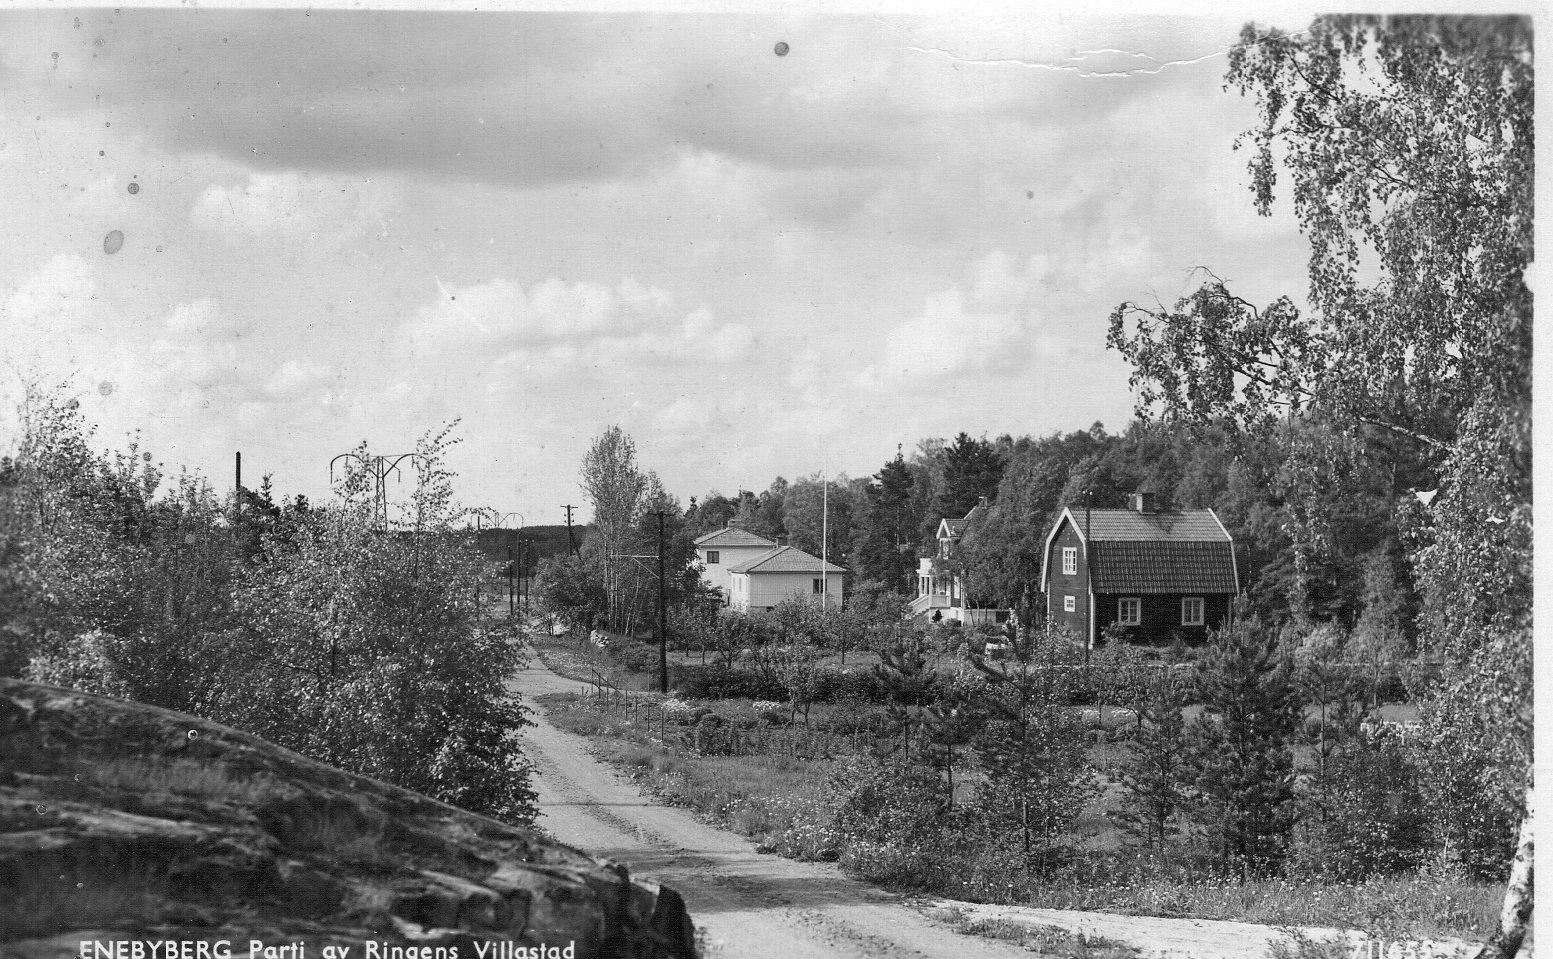 ringens-villastad